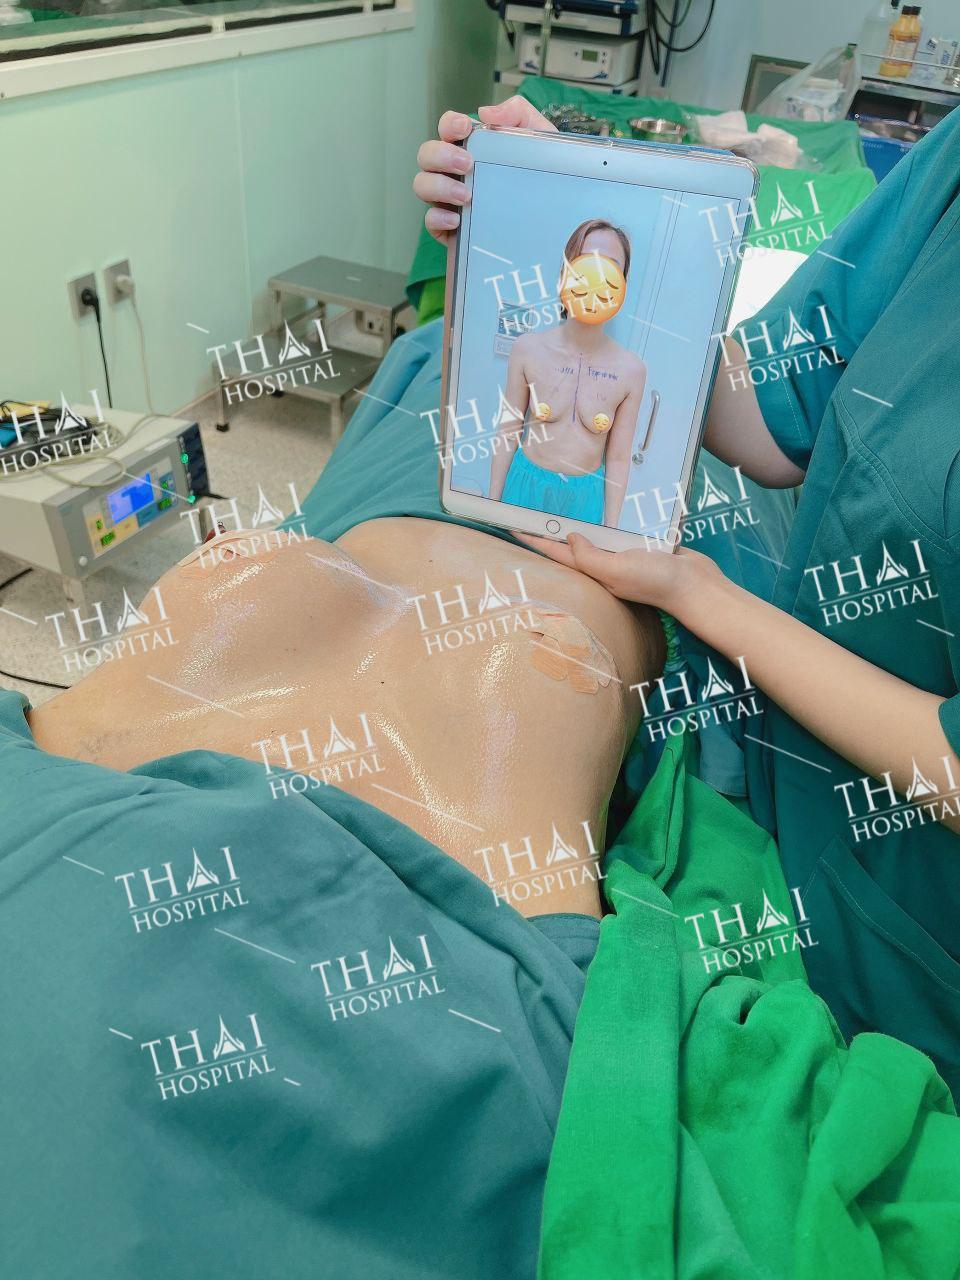 Khách hàng cảm thấy hài lòng sau khi tiến hành treo sa trễ tại THAI Hospital